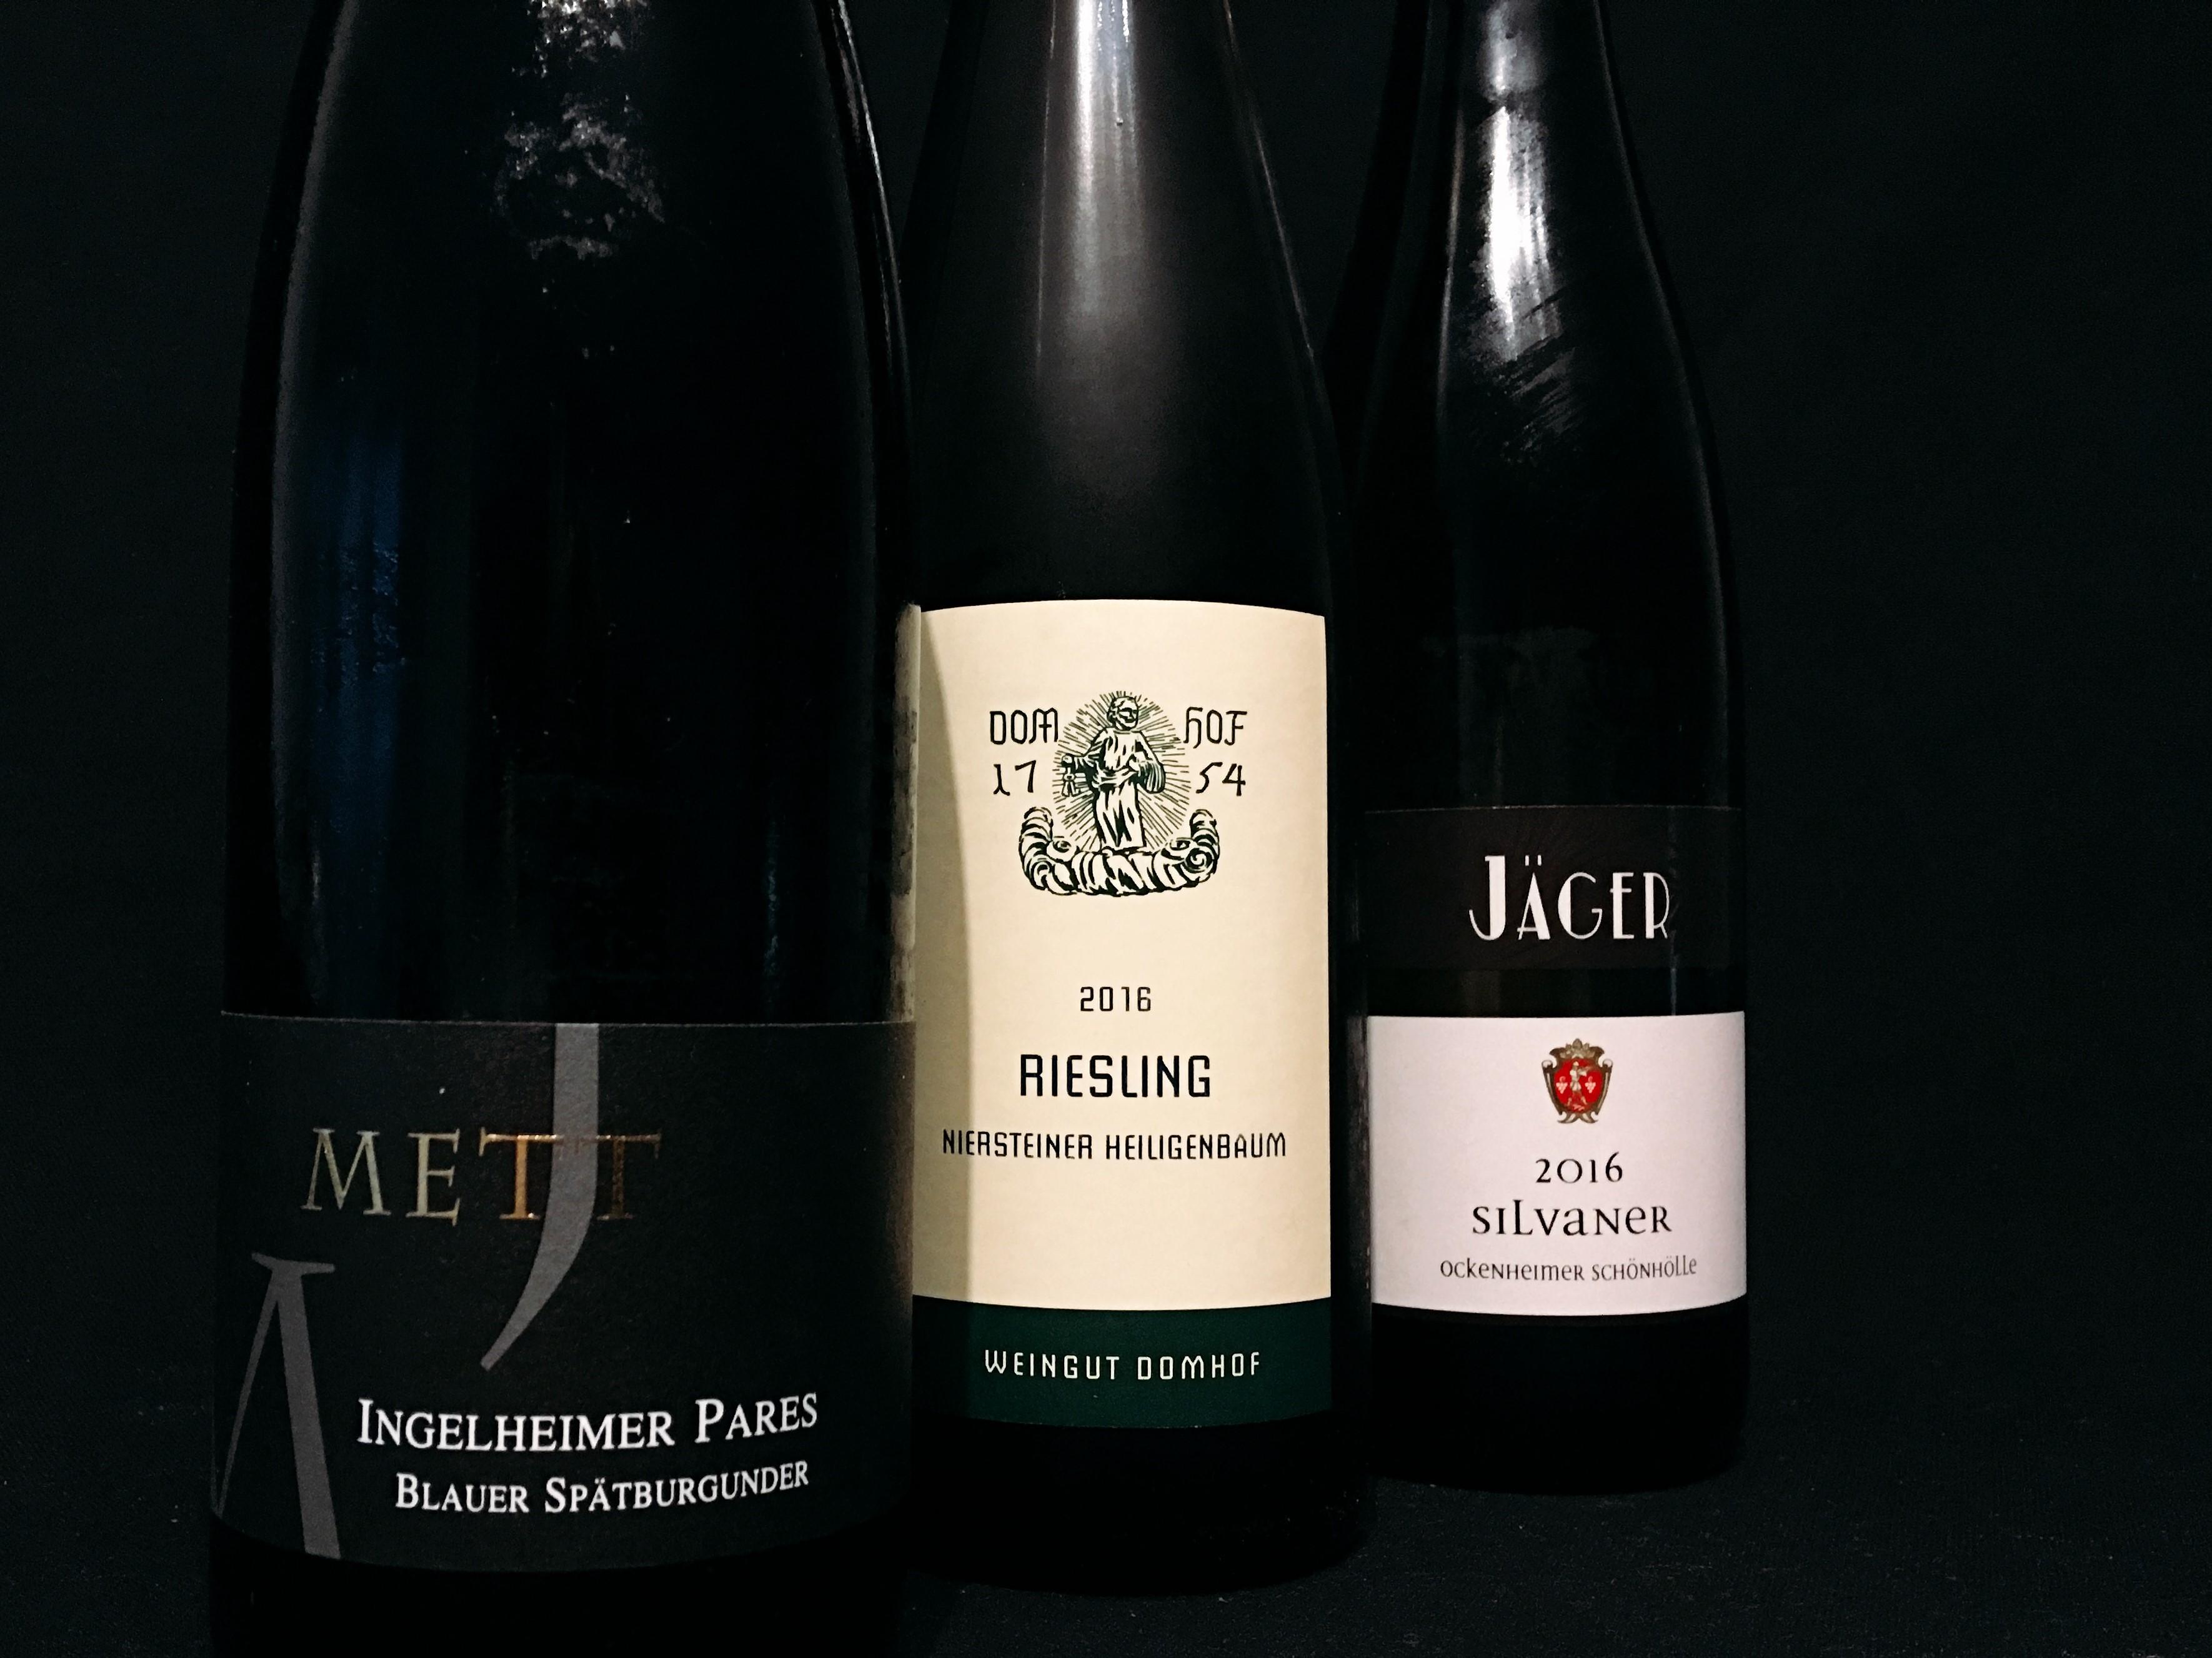 Weingut Mett Ingelheimer Pares Blauer Spätburgunder